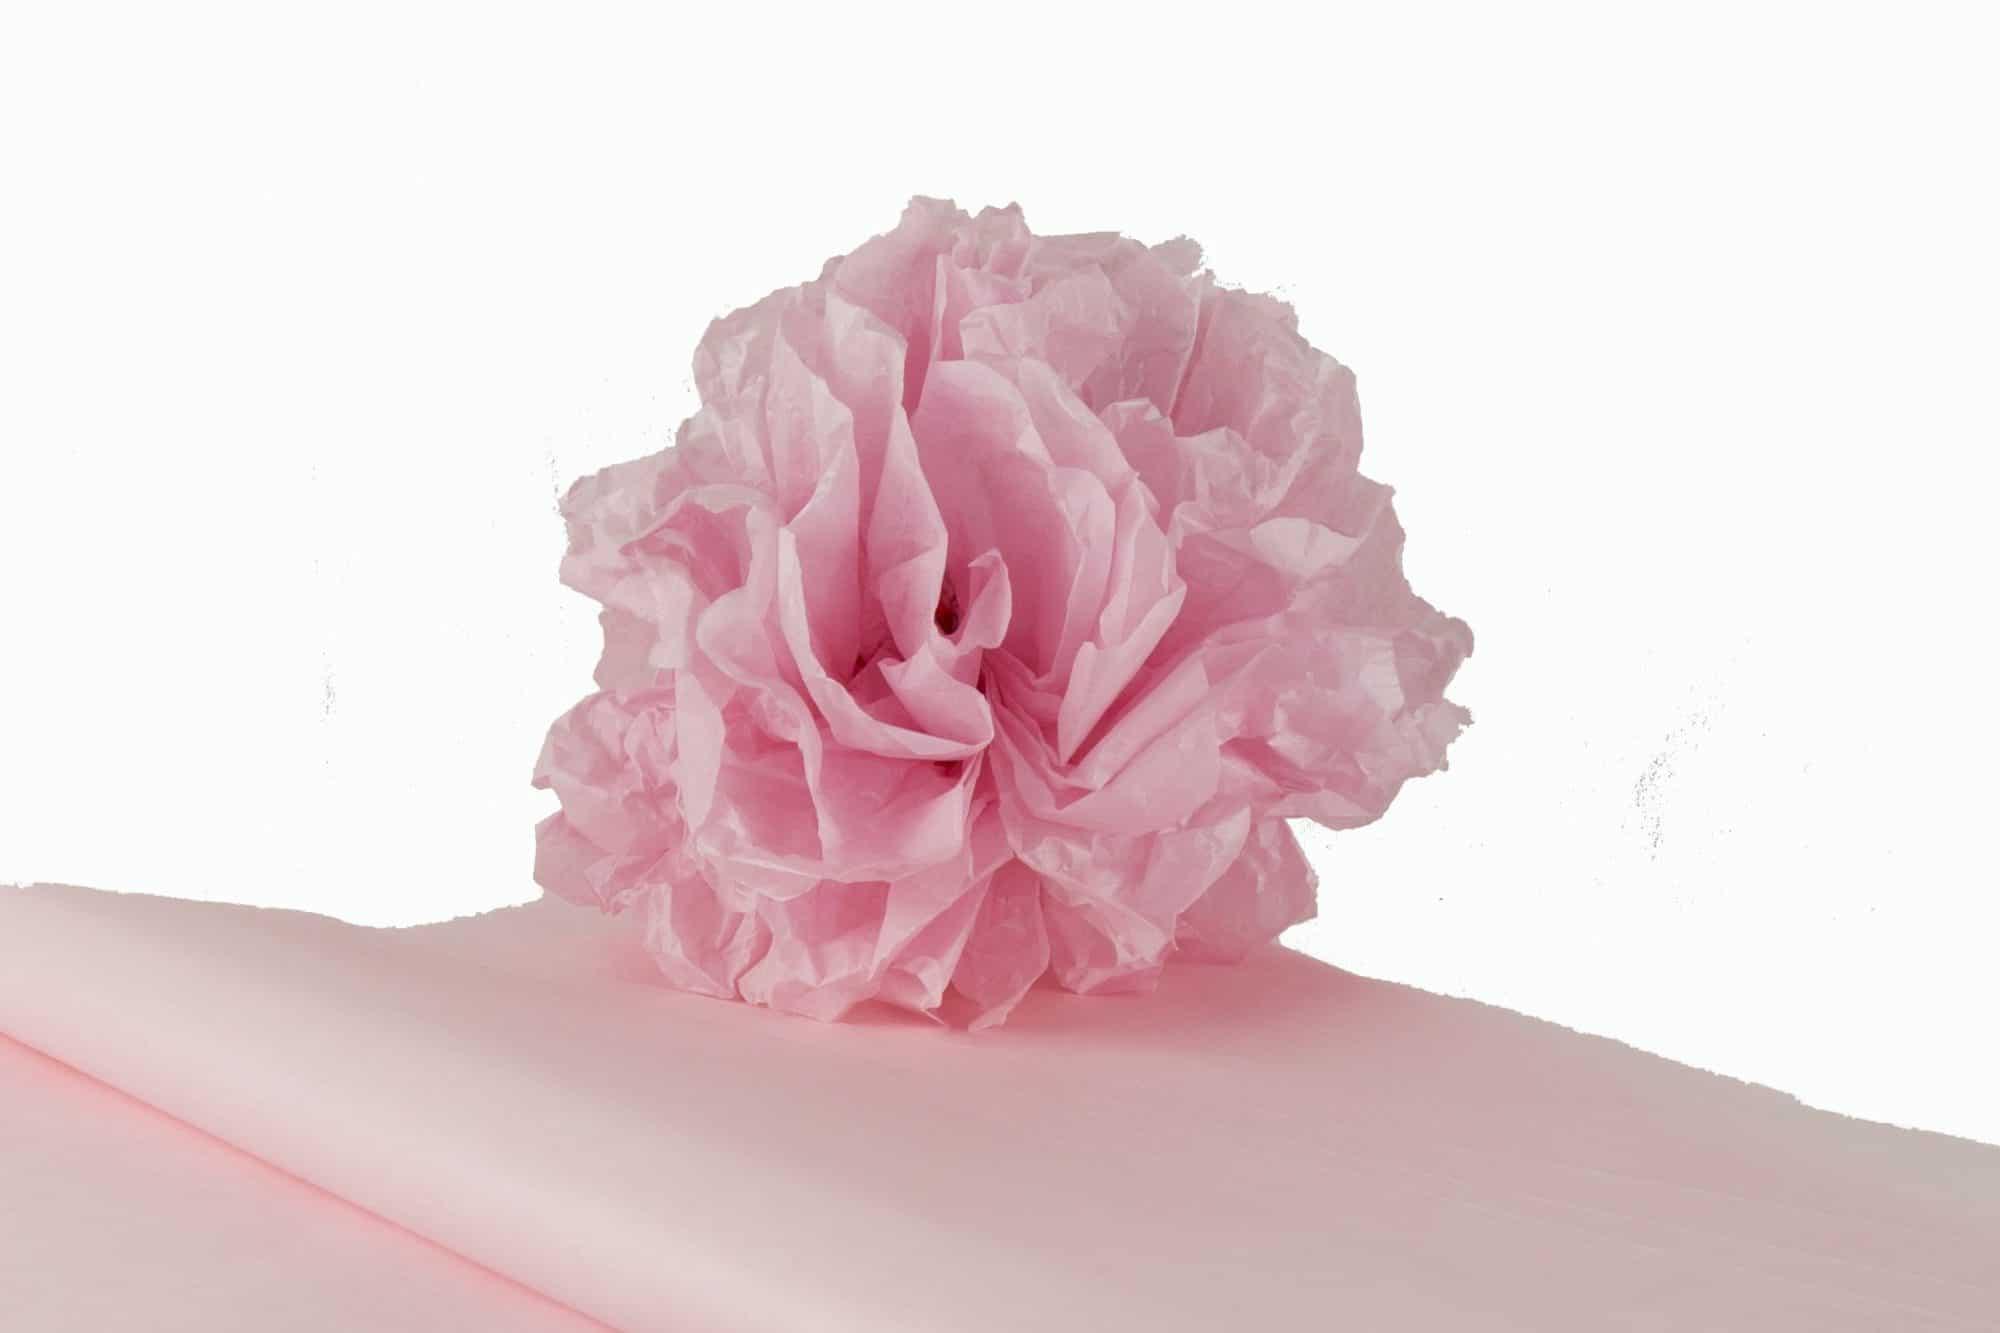 kit pompons en papier de soie qualit nacr rose papier de soie. Black Bedroom Furniture Sets. Home Design Ideas